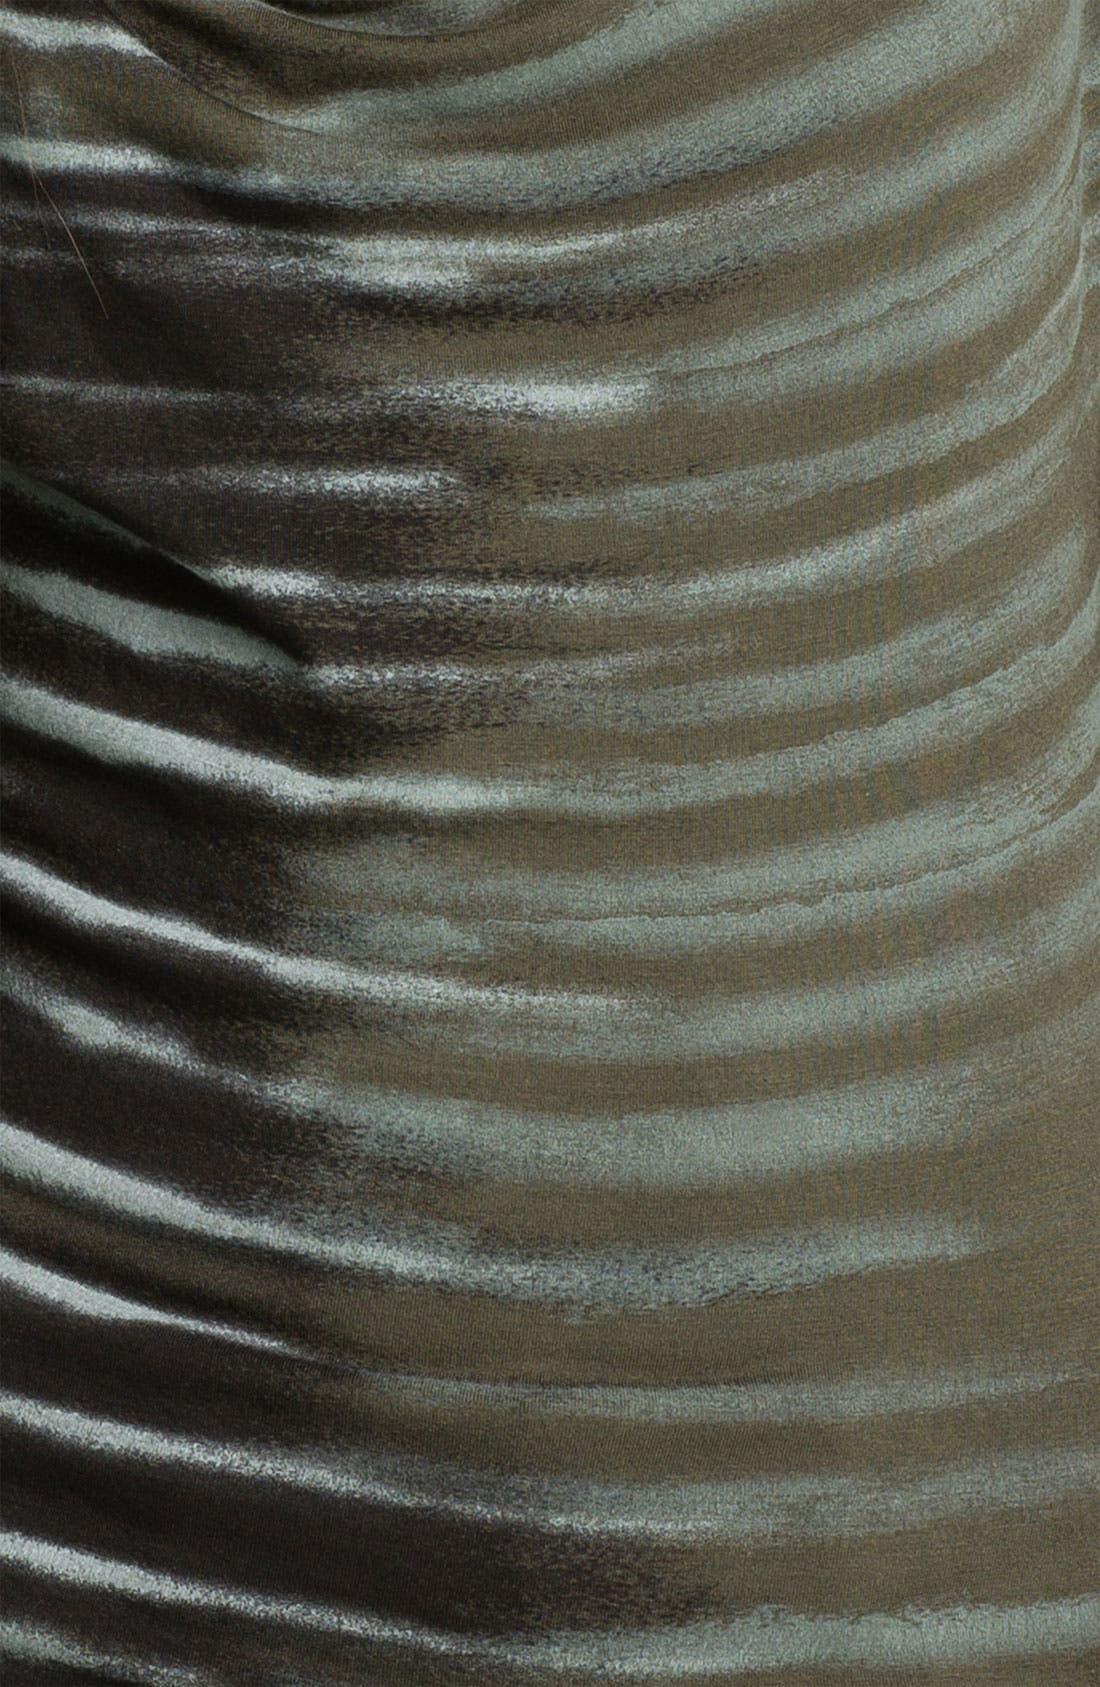 Alternate Image 3  - Edista 'Elisa' Drape Neck Top (Petite)